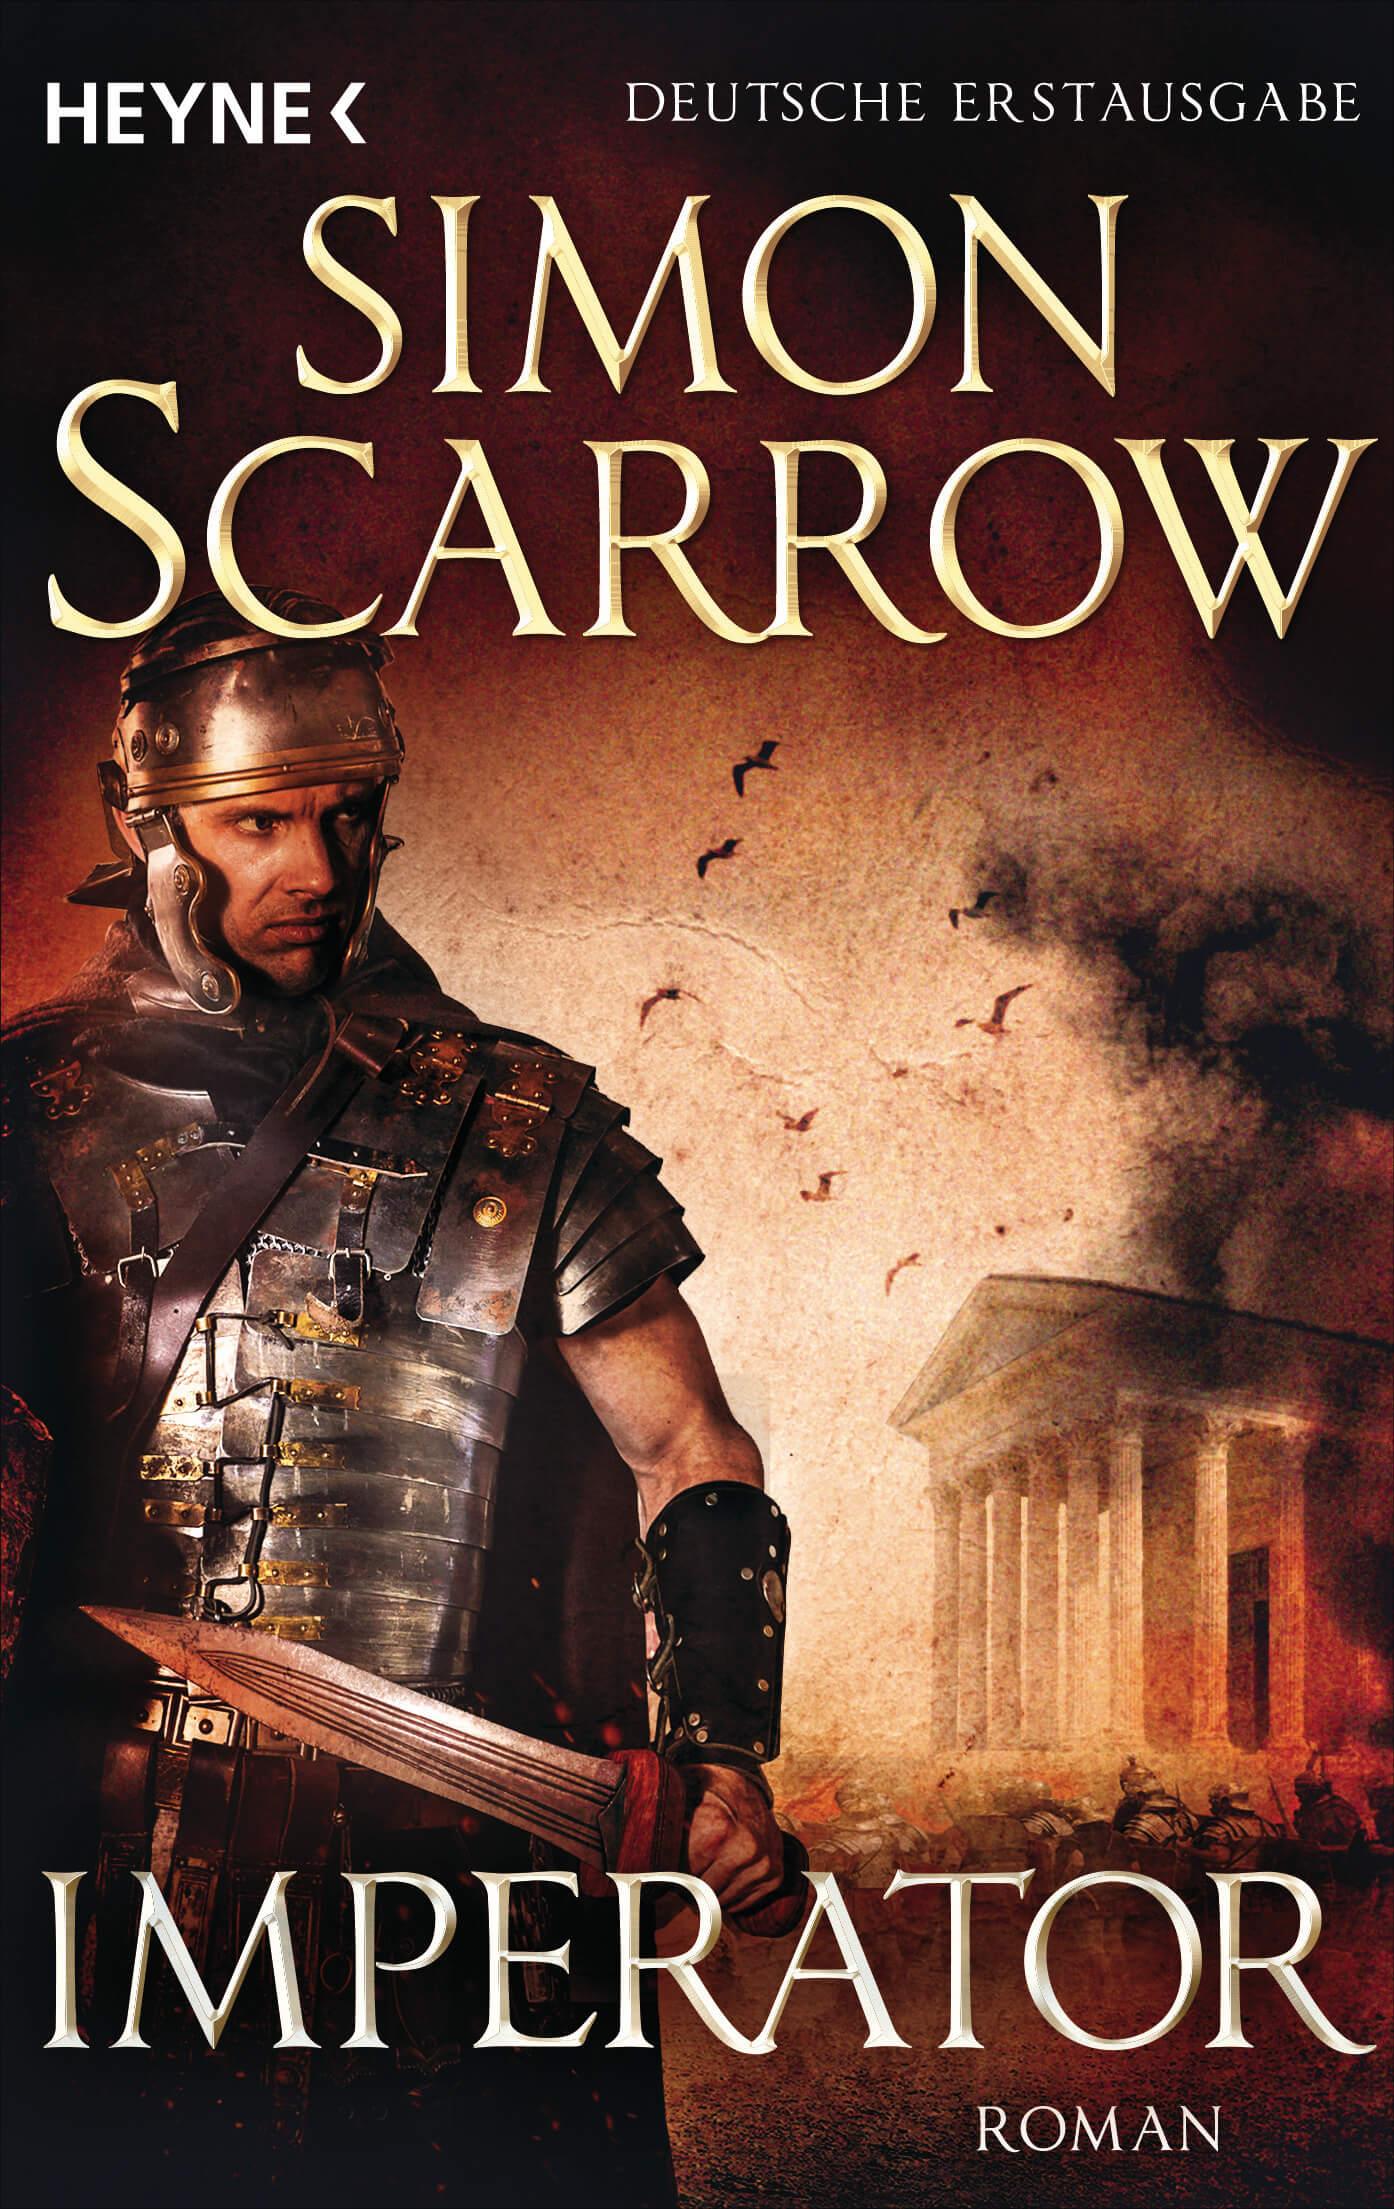 Scarrow_Imperator_Rom_16